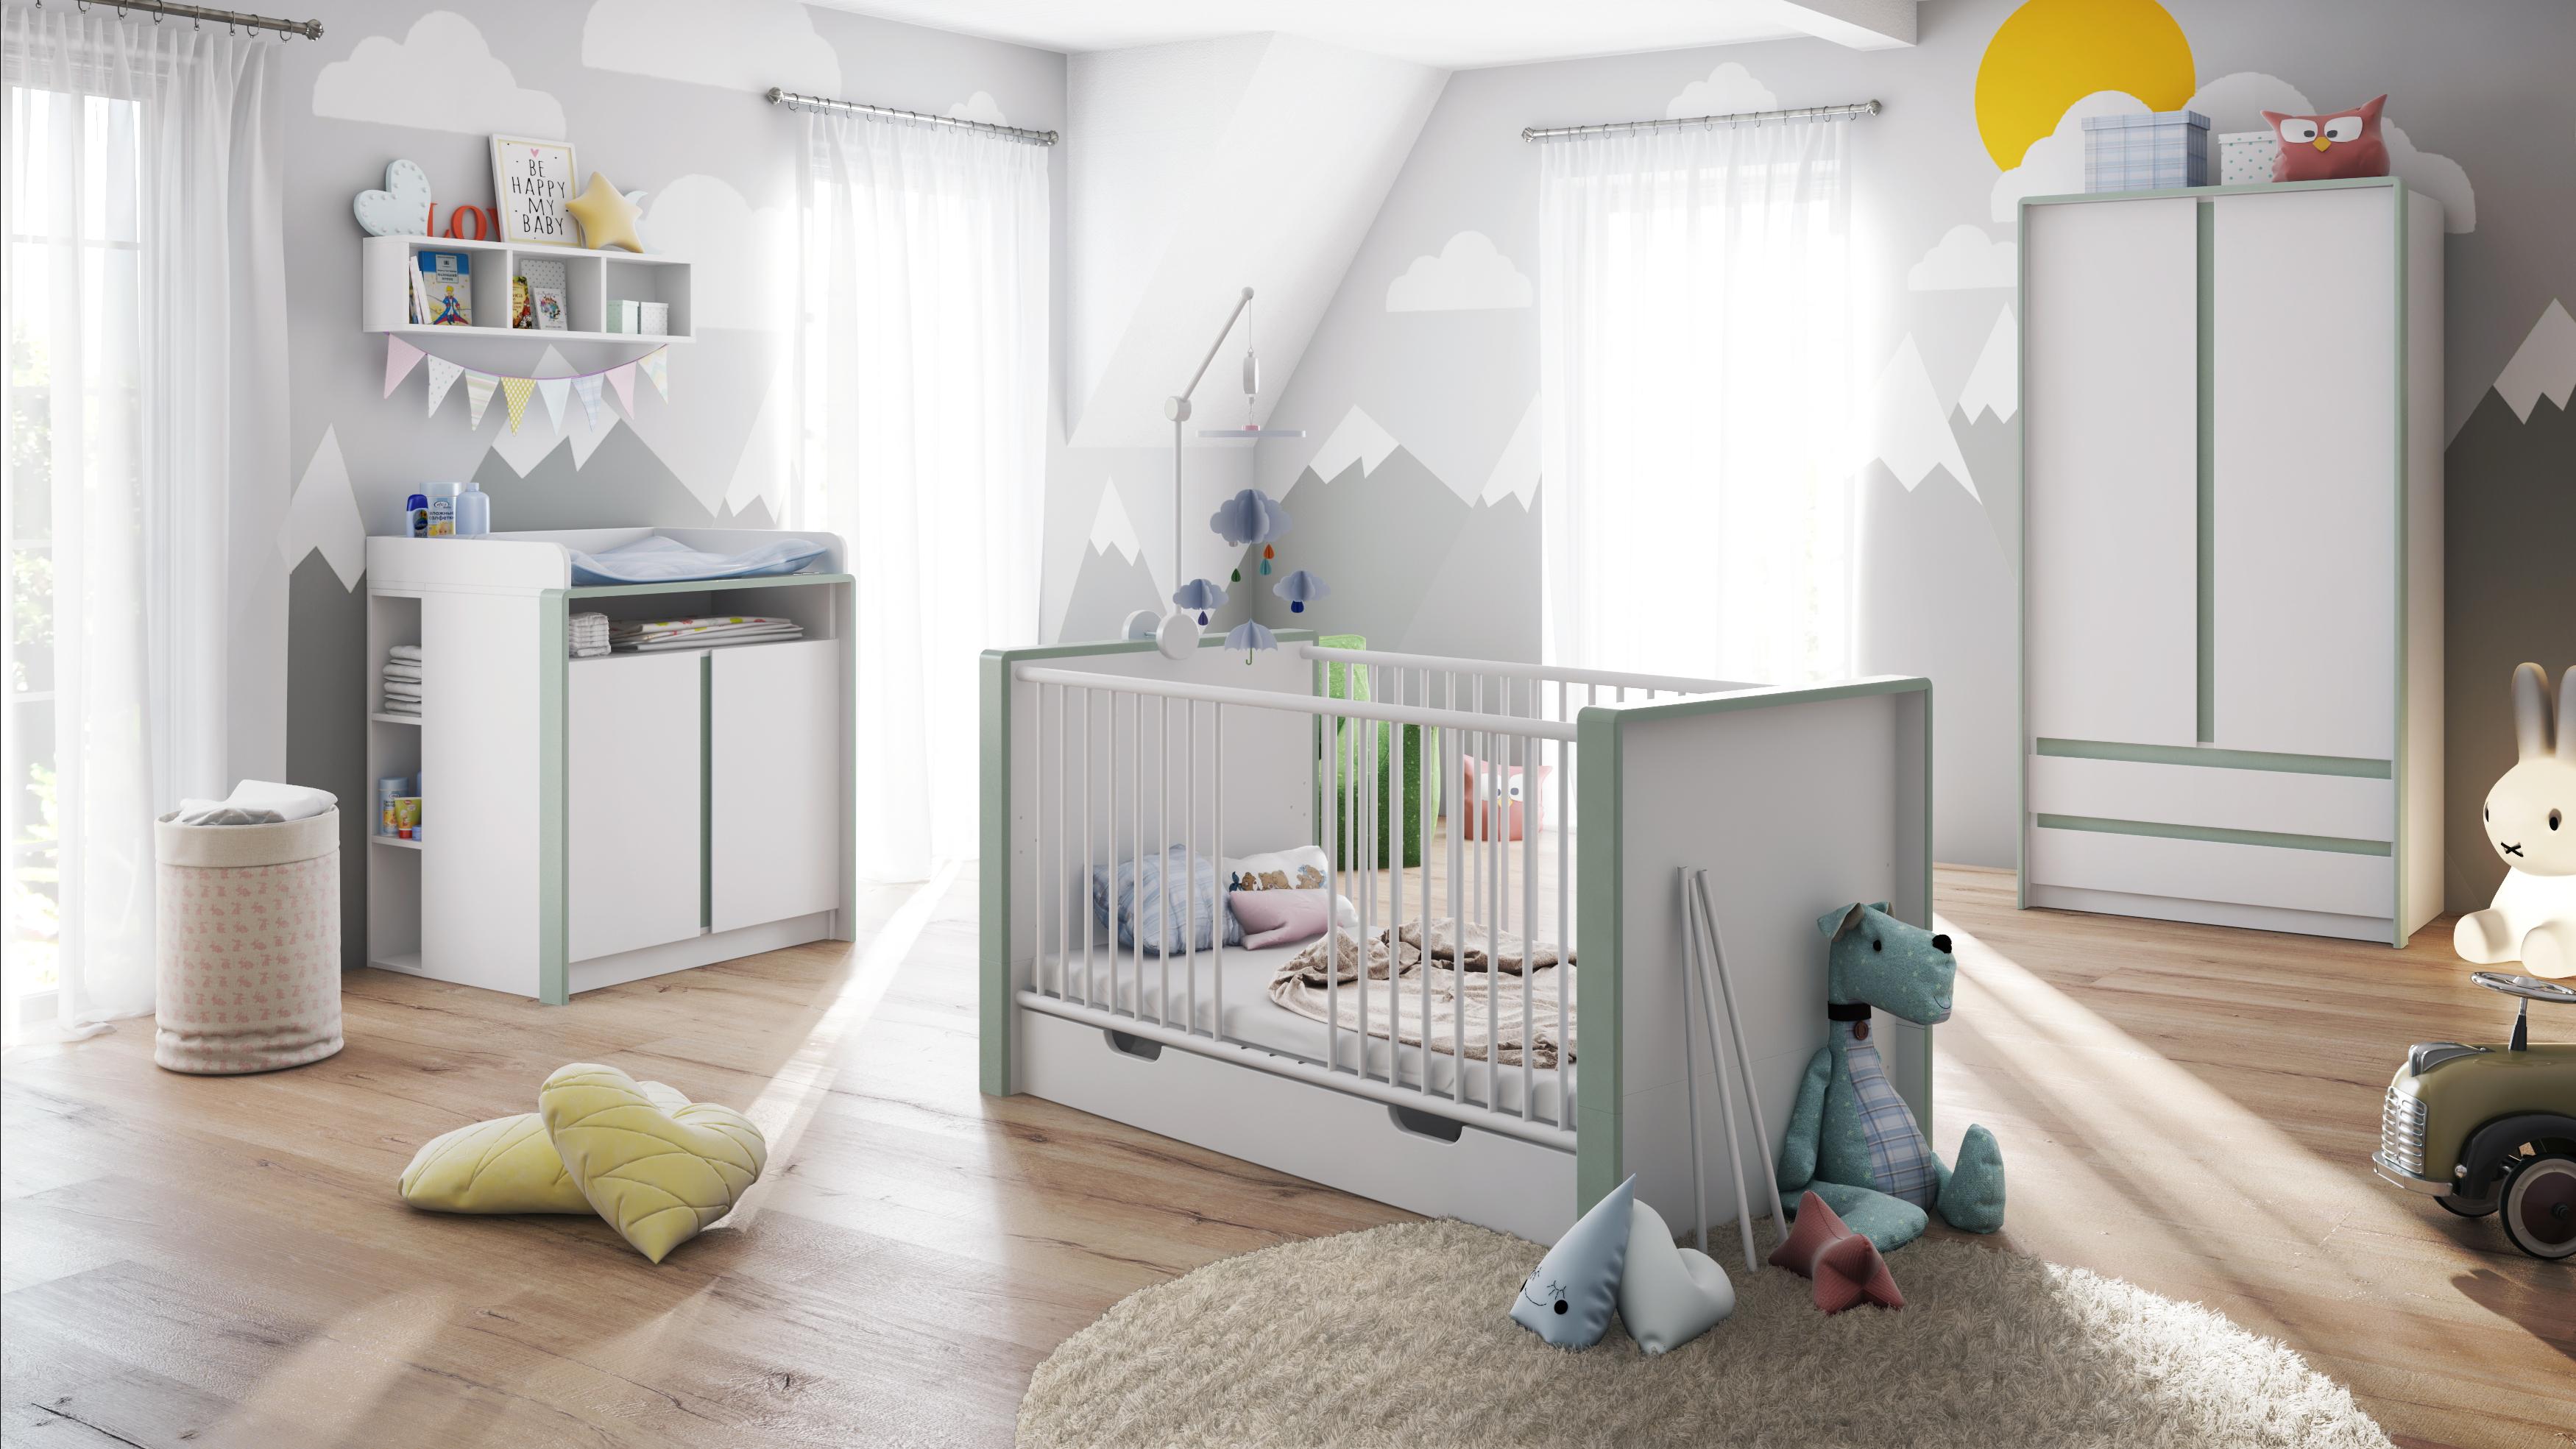 babyzimmer kinderzimmer schrank bett wickelkommode. Black Bedroom Furniture Sets. Home Design Ideas